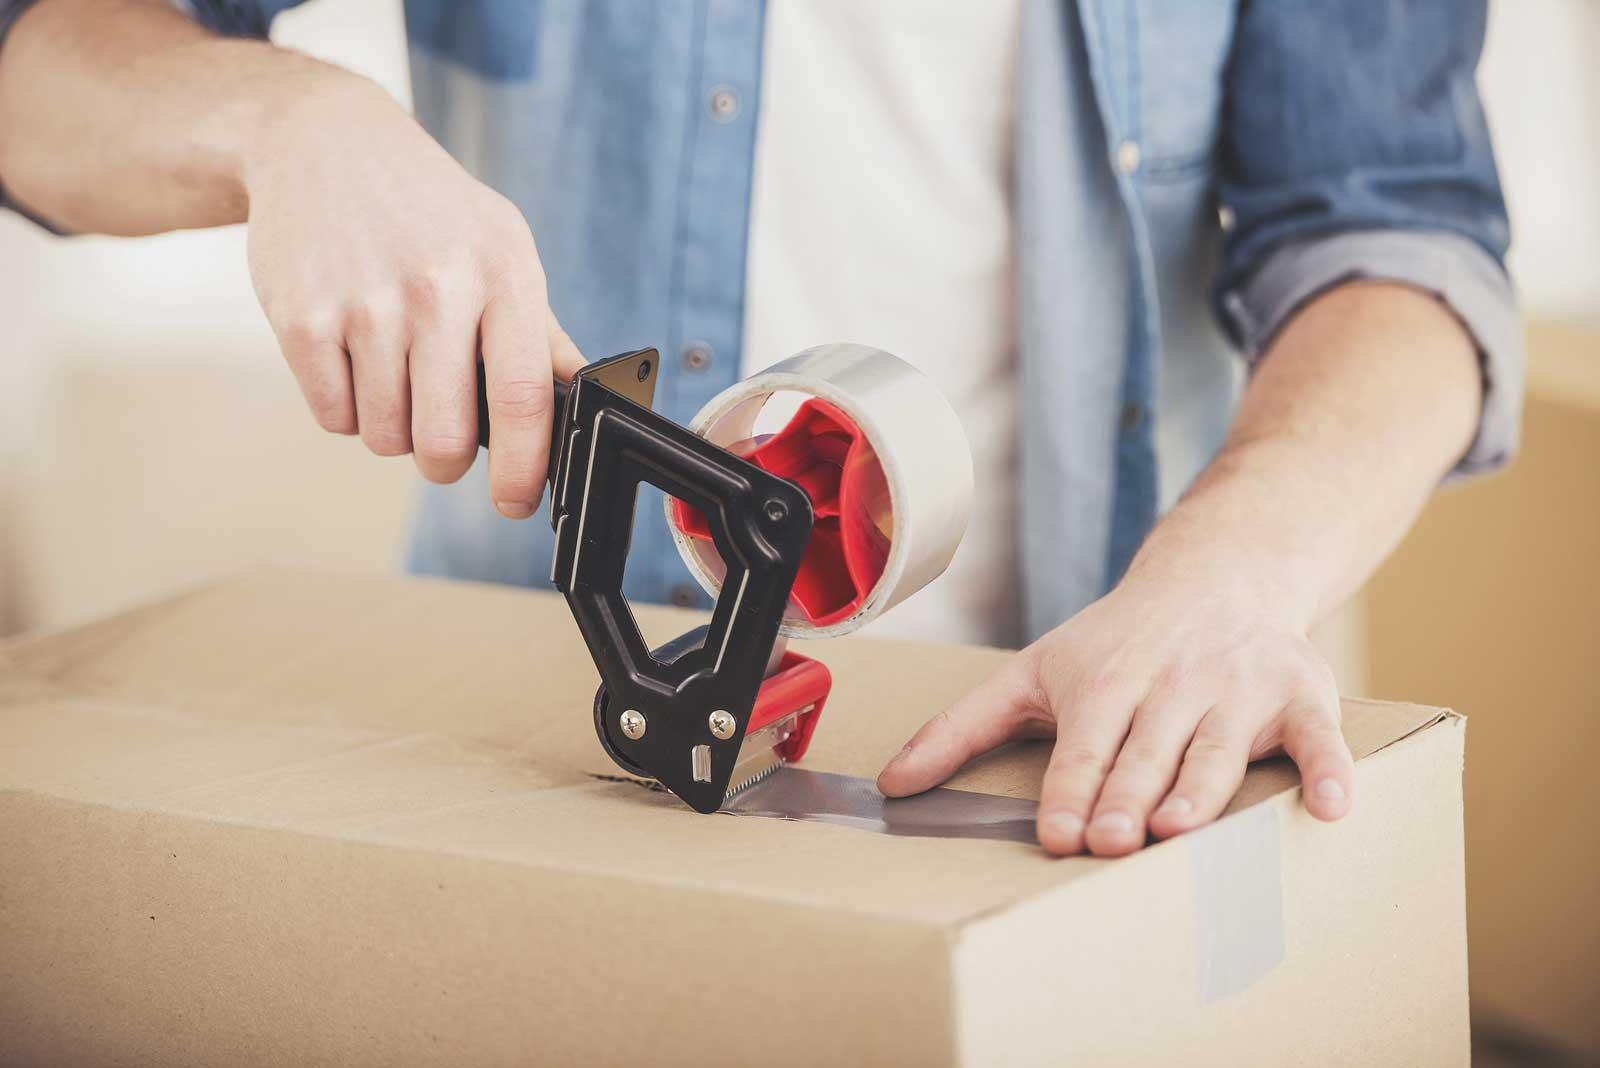 Un jeune homme emballe une boîte avant de l'entreposer.